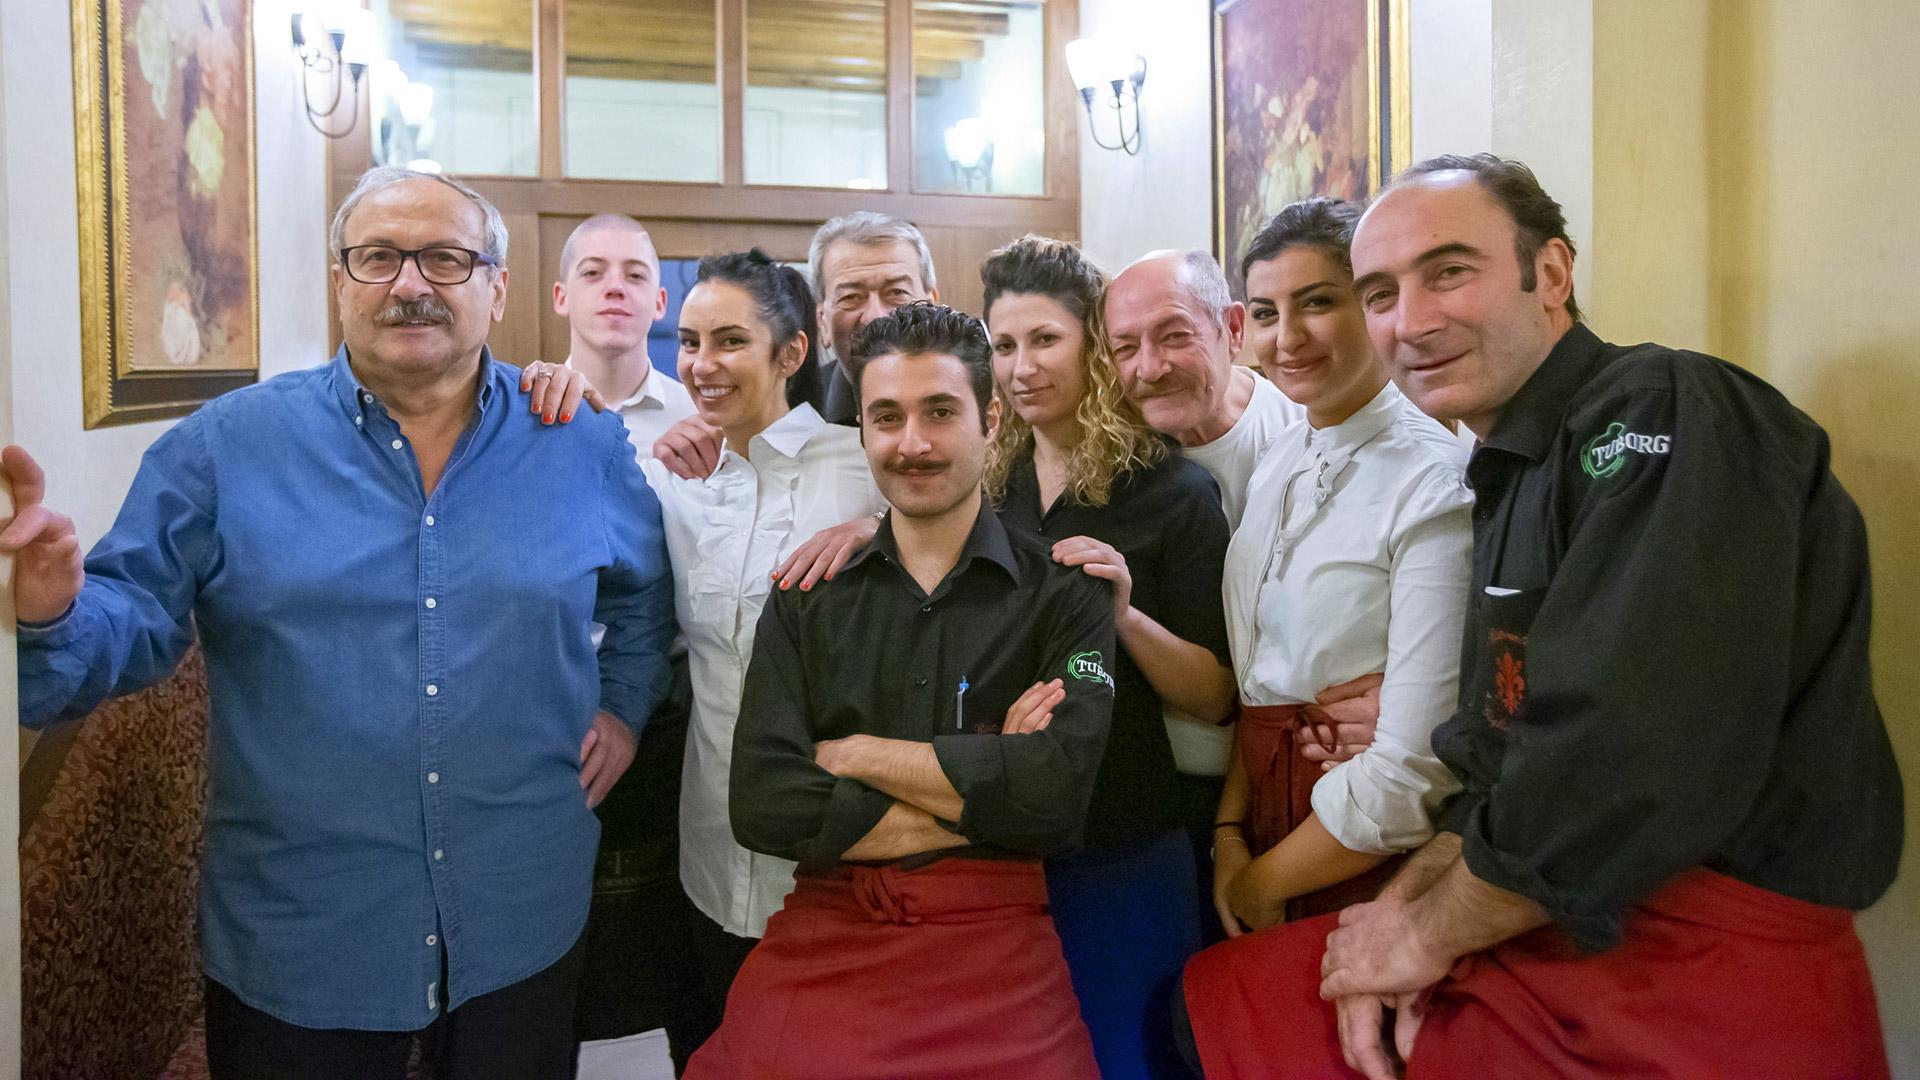 Staff ristorante Giglio Rosso - Piatti toscani